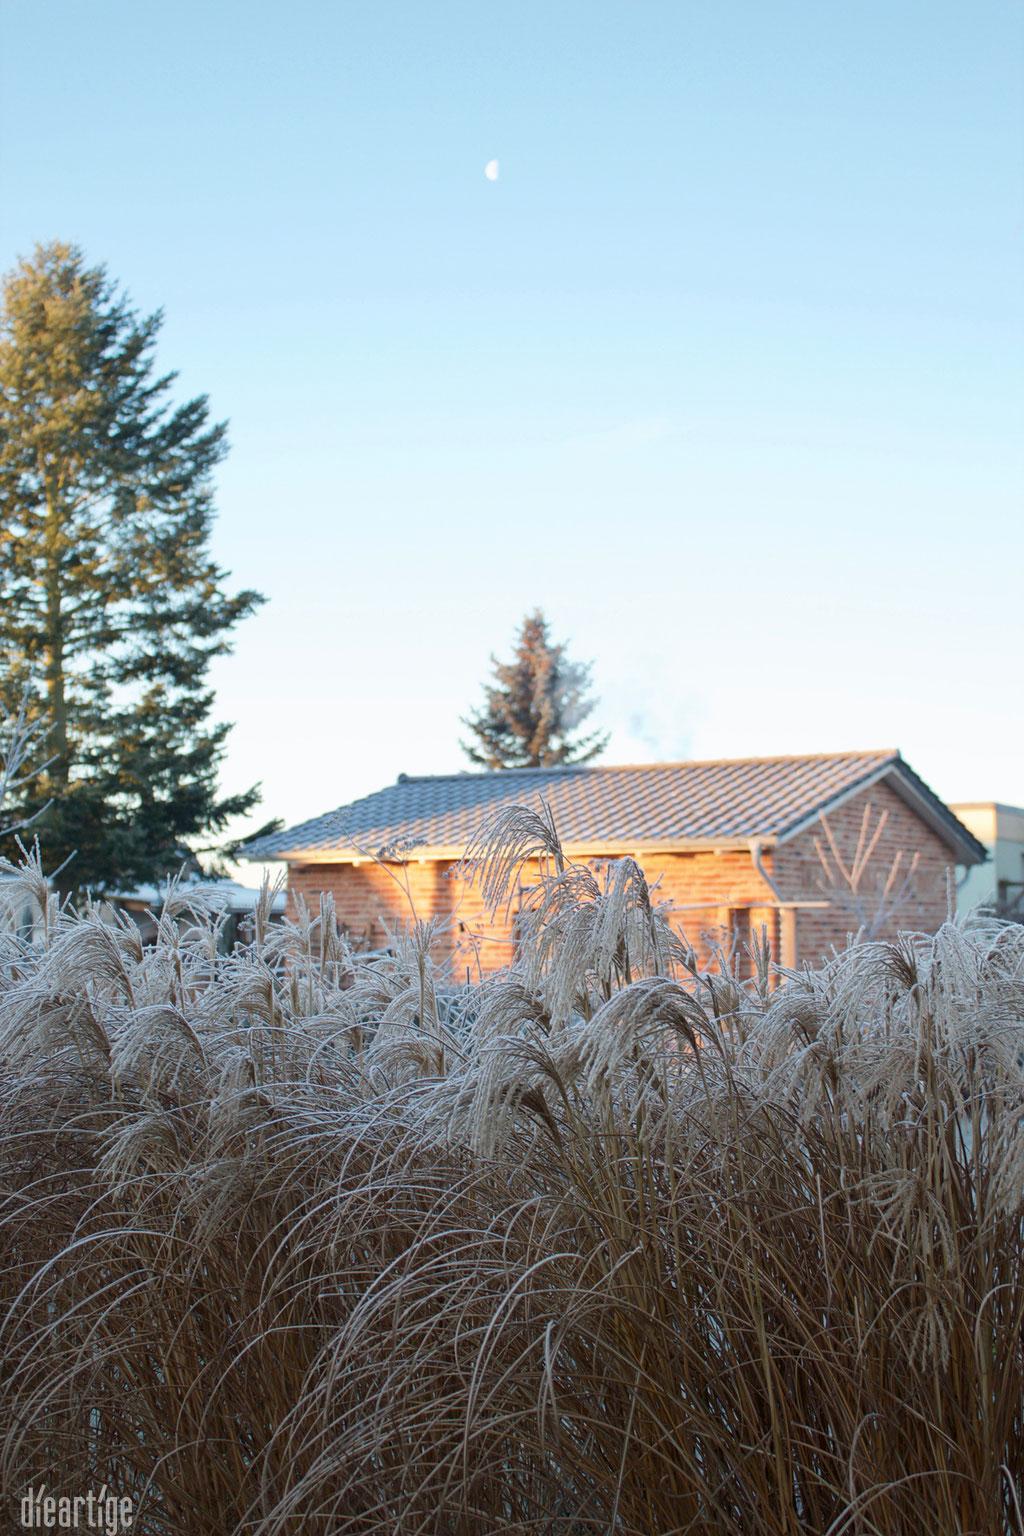 dieartigeBLOG - Wintergarten, Rauhreif + Eiskristalle, Chinaschilf